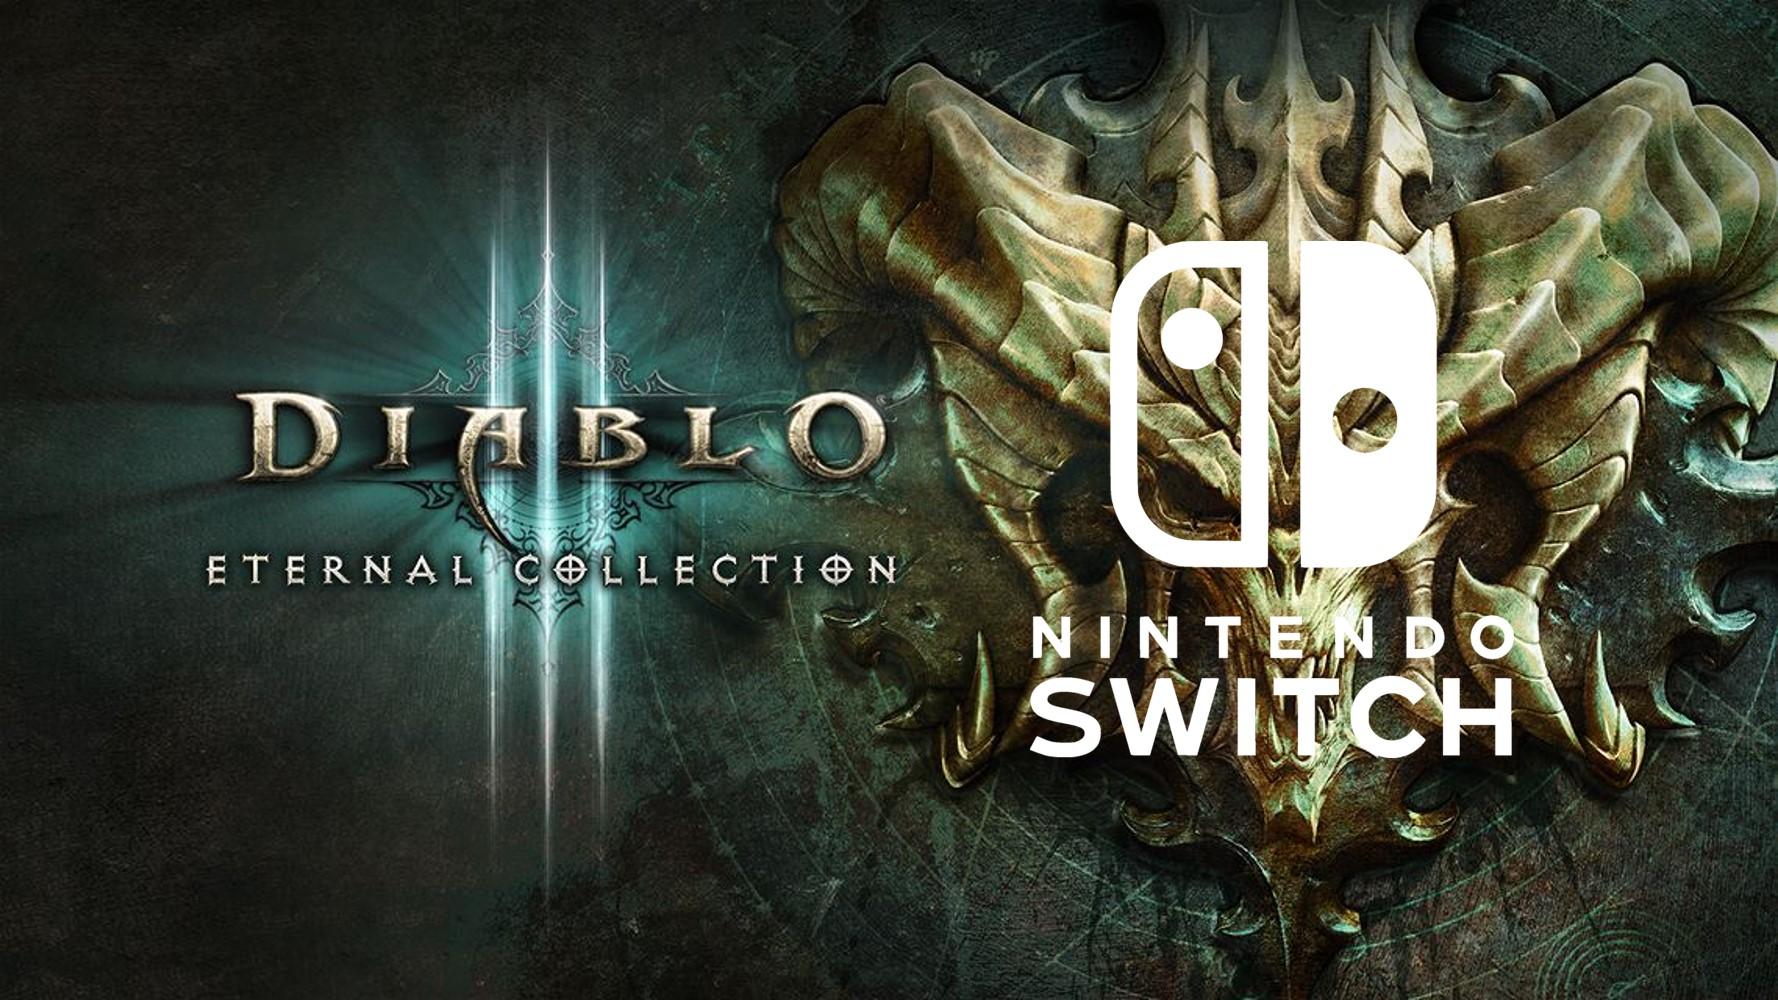 Diablo 3 erscheint mit exklusiven Inhalten für die Nintendo Switch